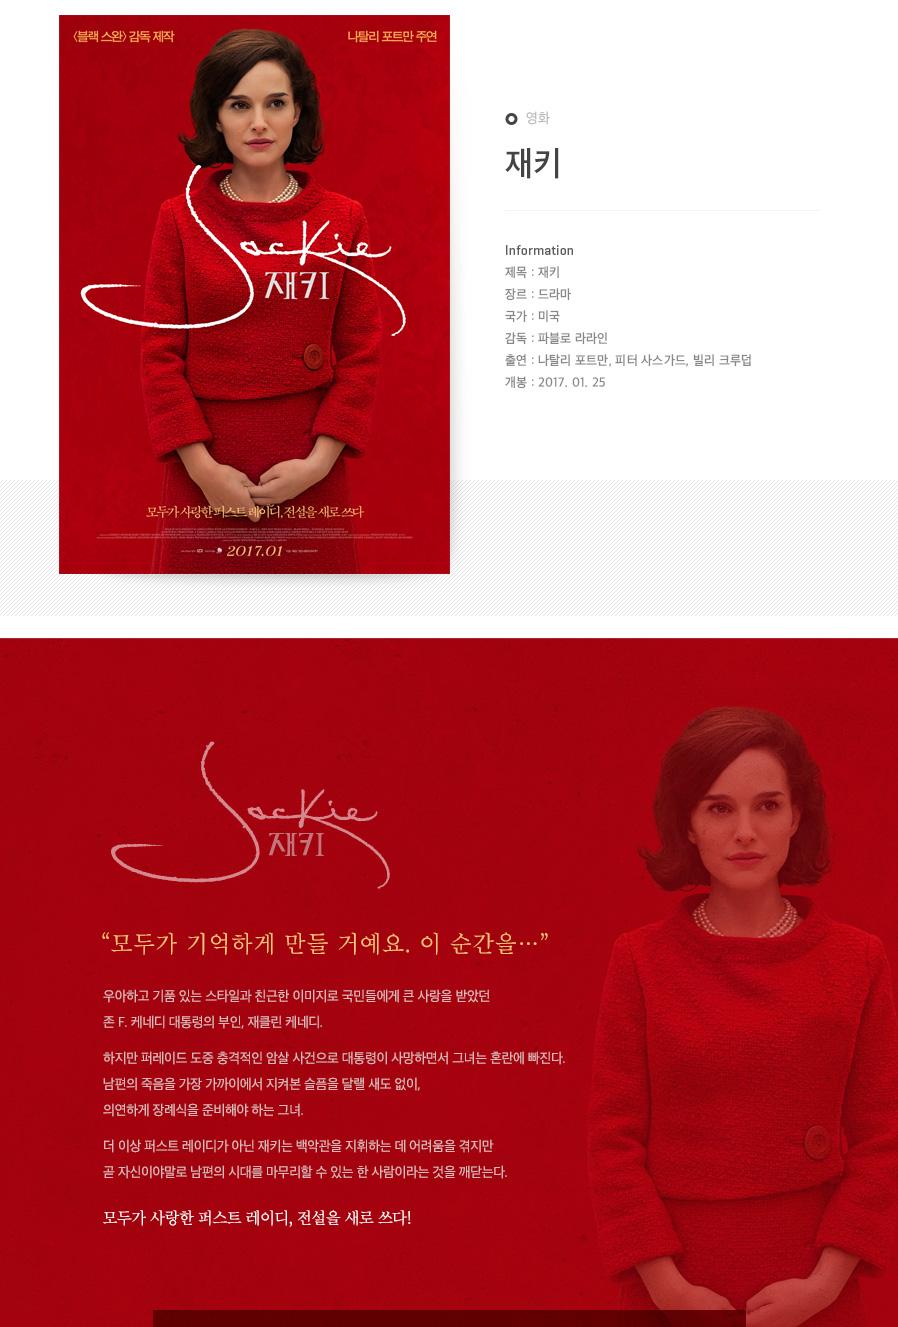 3751_영화_재키_김미화_w_0333.jpg